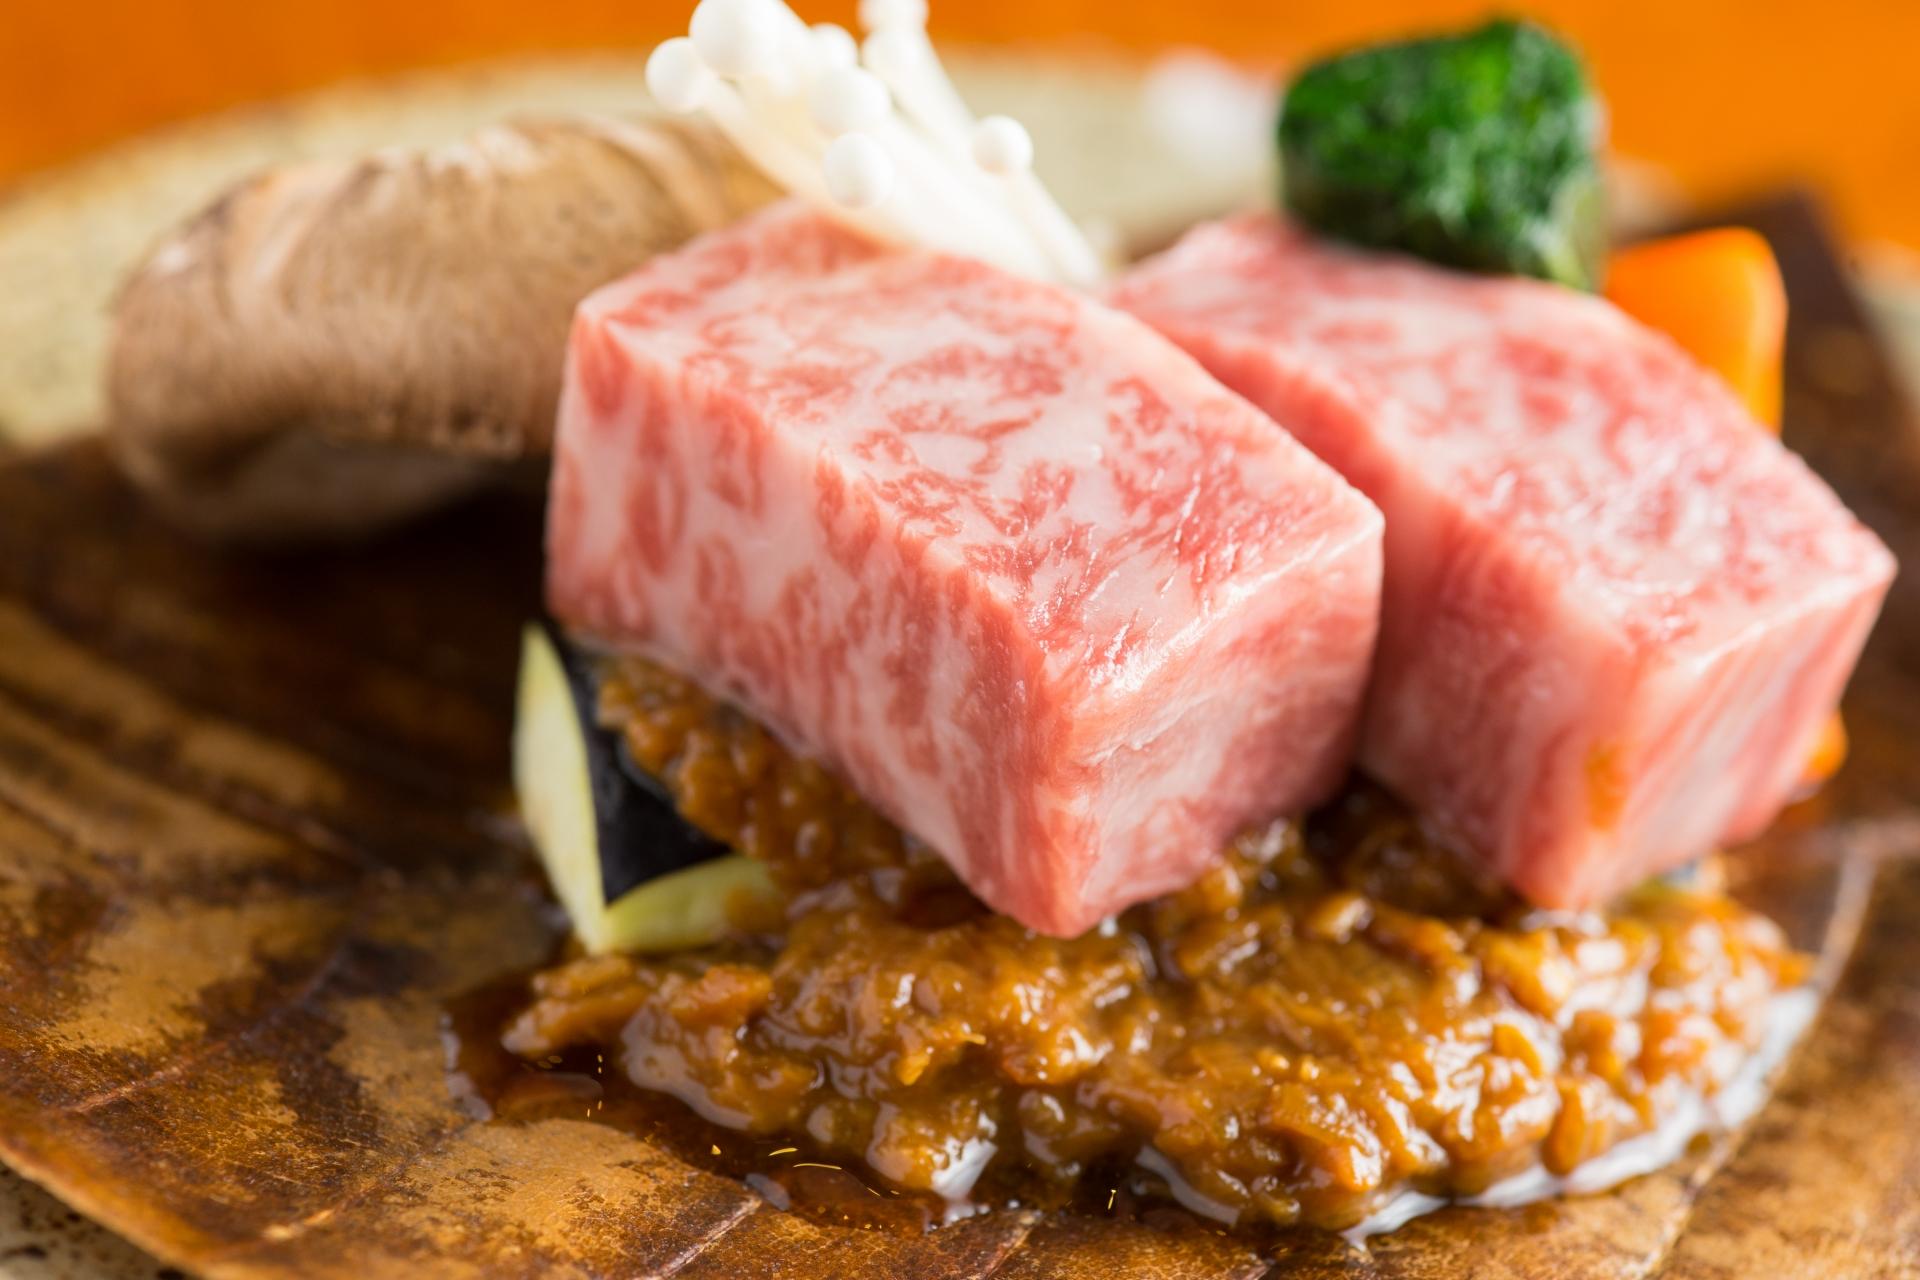 白川郷ではコレを食べよう 絶対におすすめな地元で人気の名物グルメ10